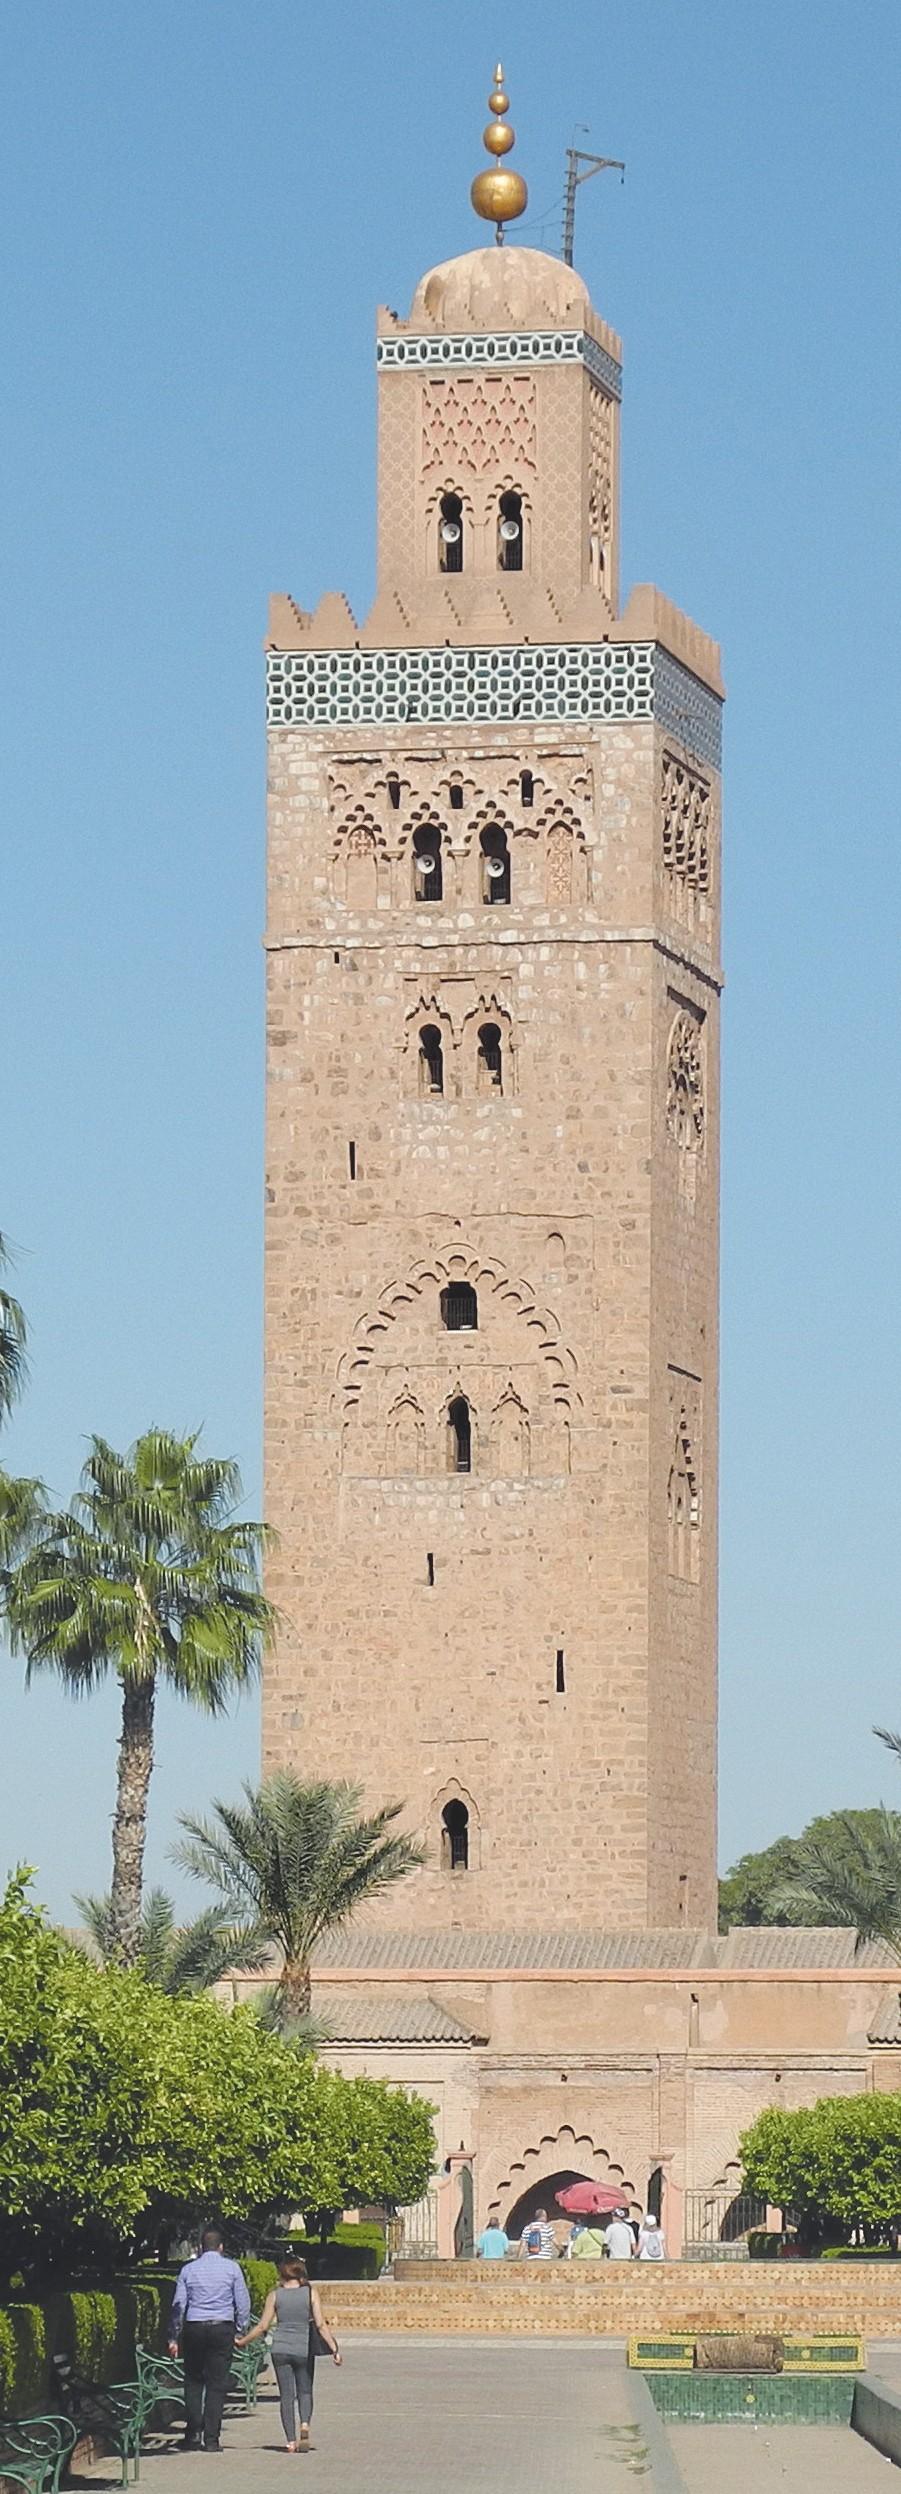 Minaret musulman de 1196, Koutoubia, Maroc (à gauche) et clocher chrétien de 1315, Teruel, Espagne (à droite)